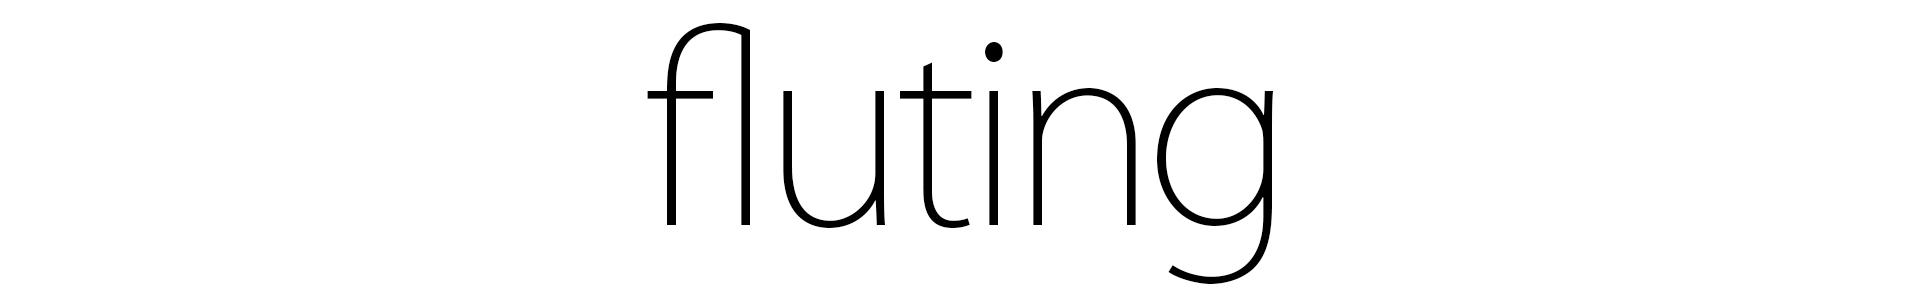 ProductSlider-Fluting1